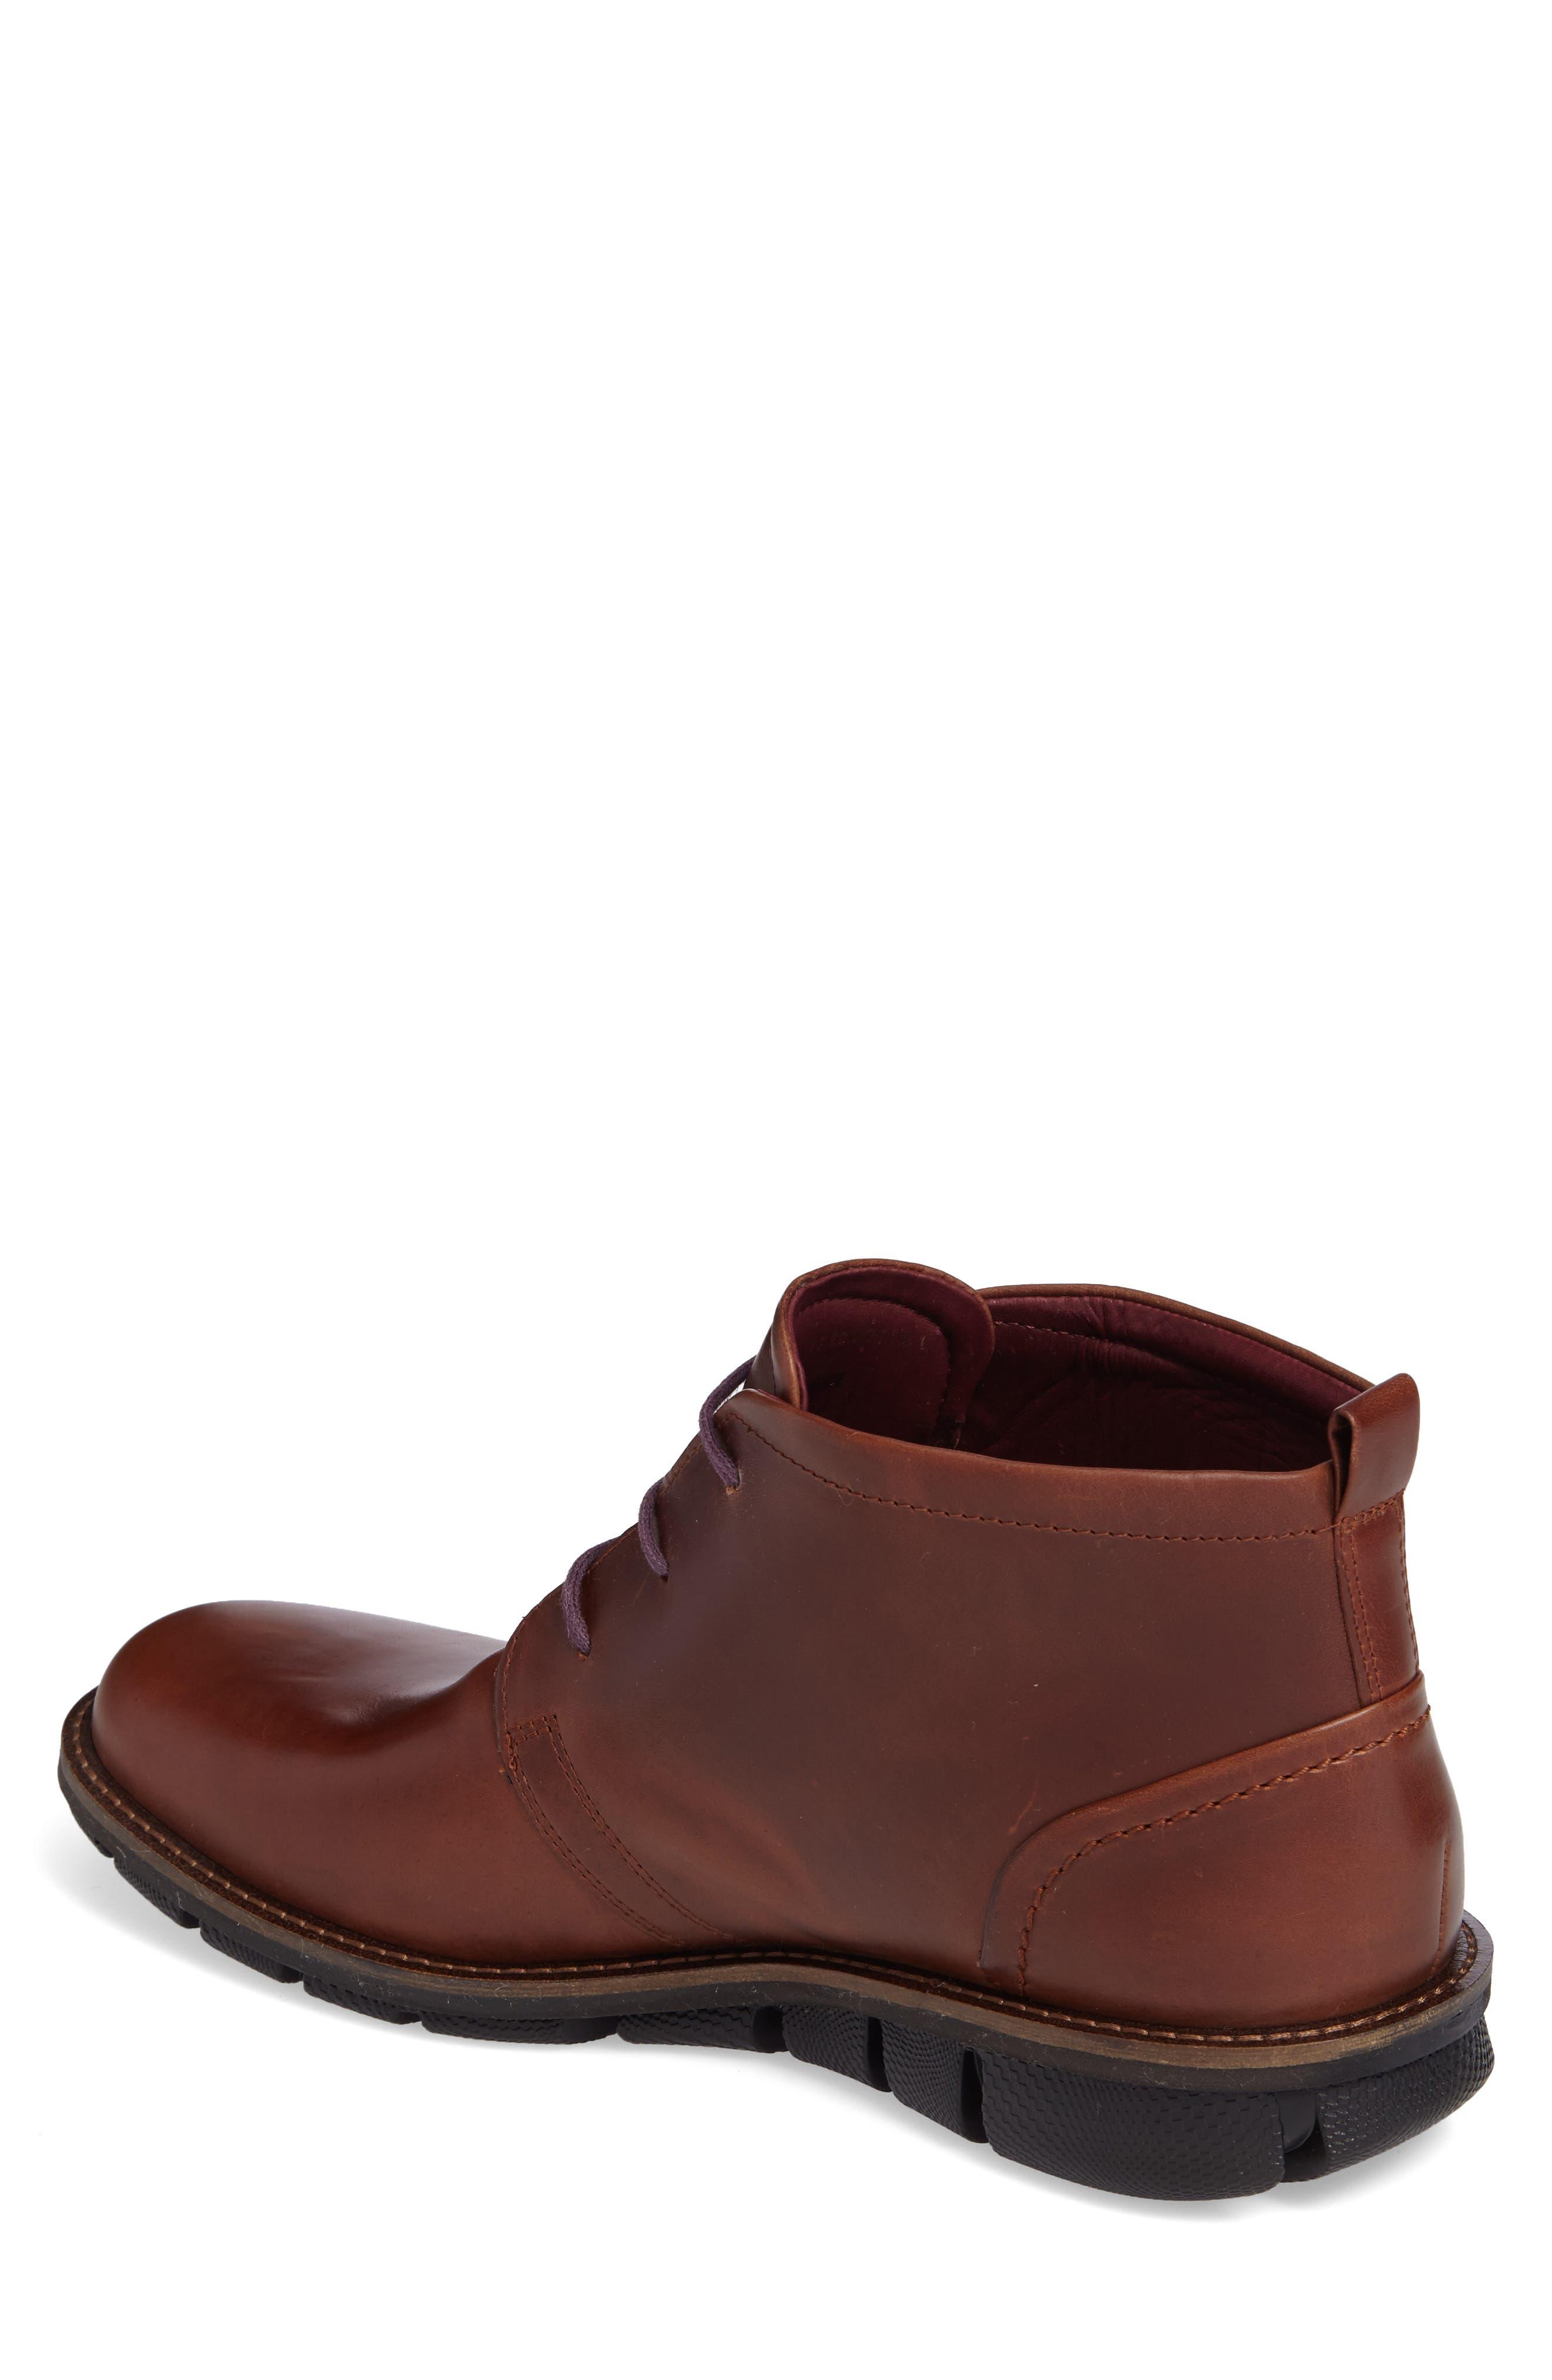 'Jeremy Hybrid' Plain Toe Boot,                             Alternate thumbnail 8, color,